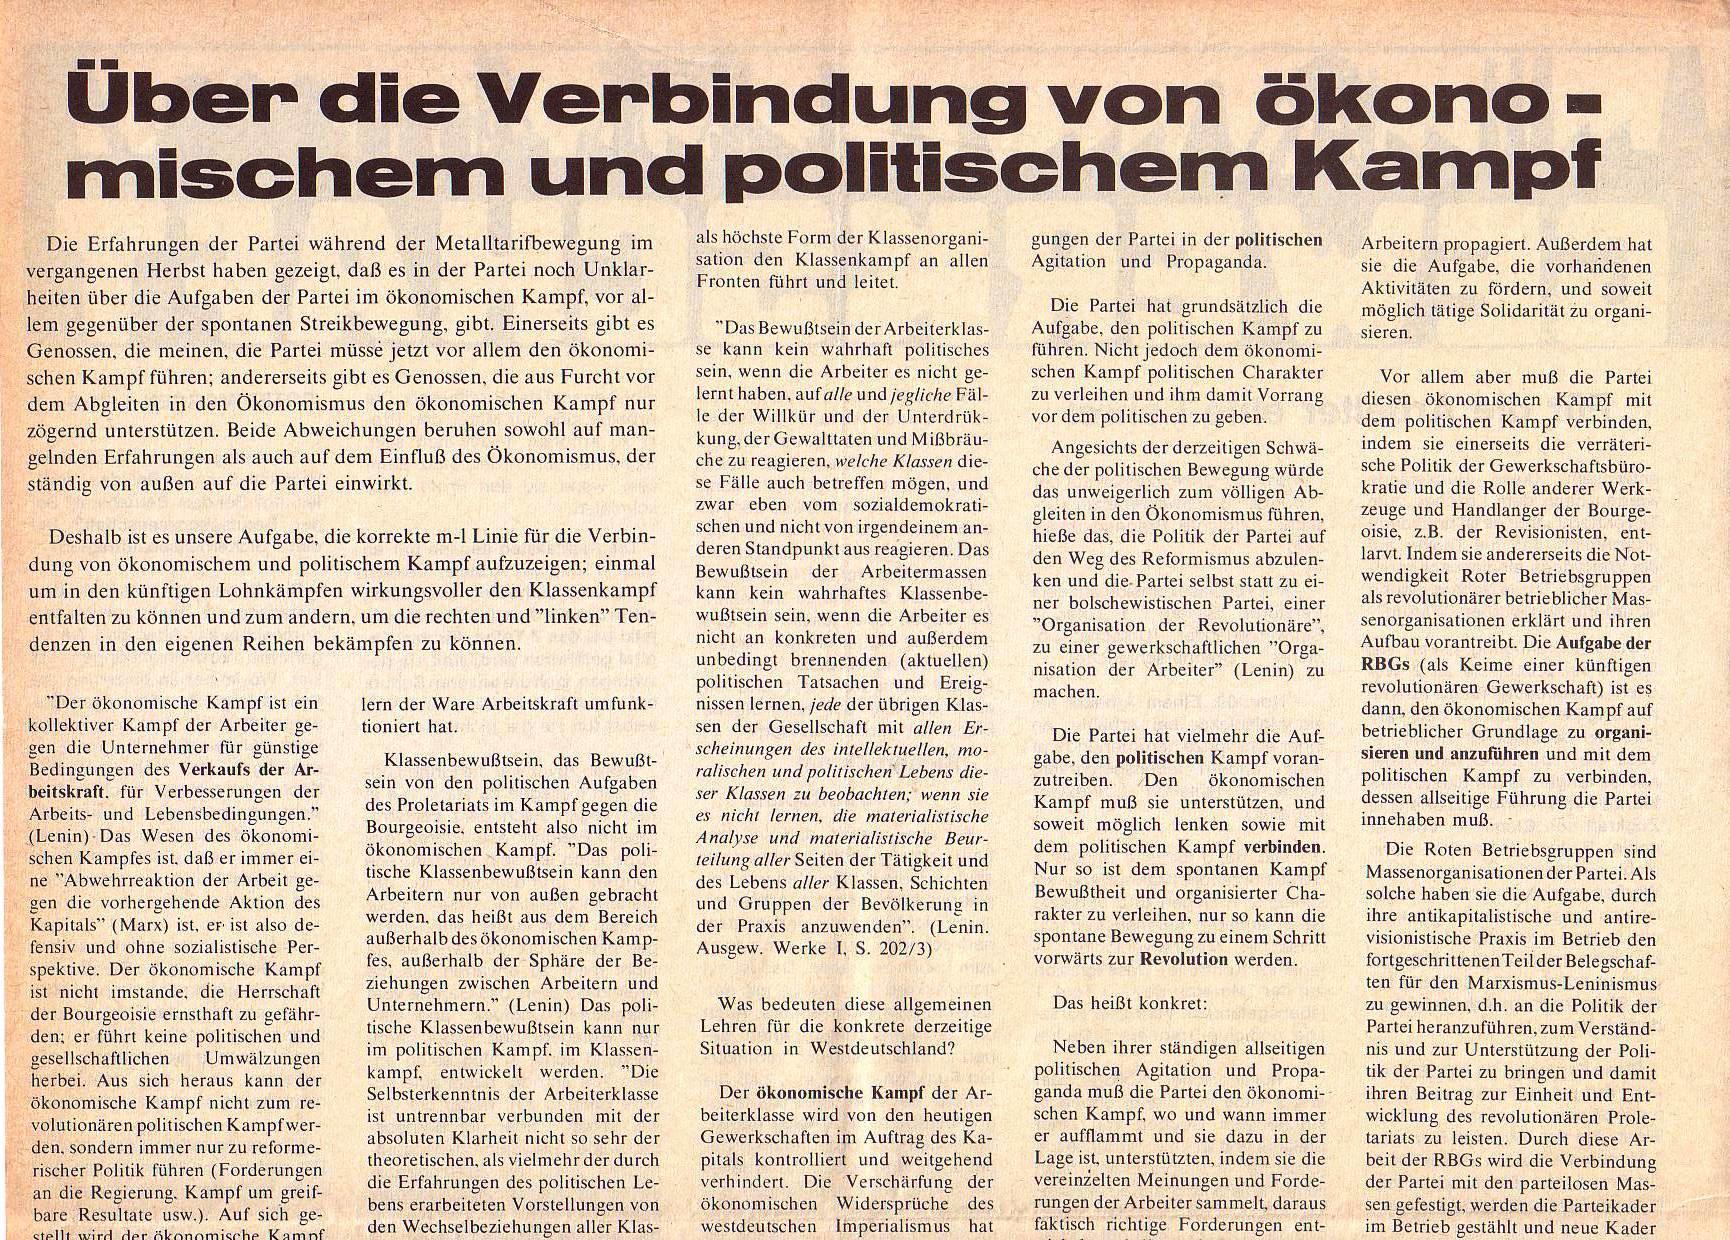 Roter Morgen, 5. Jg., April 1971, Nr. 4, Seite 8a